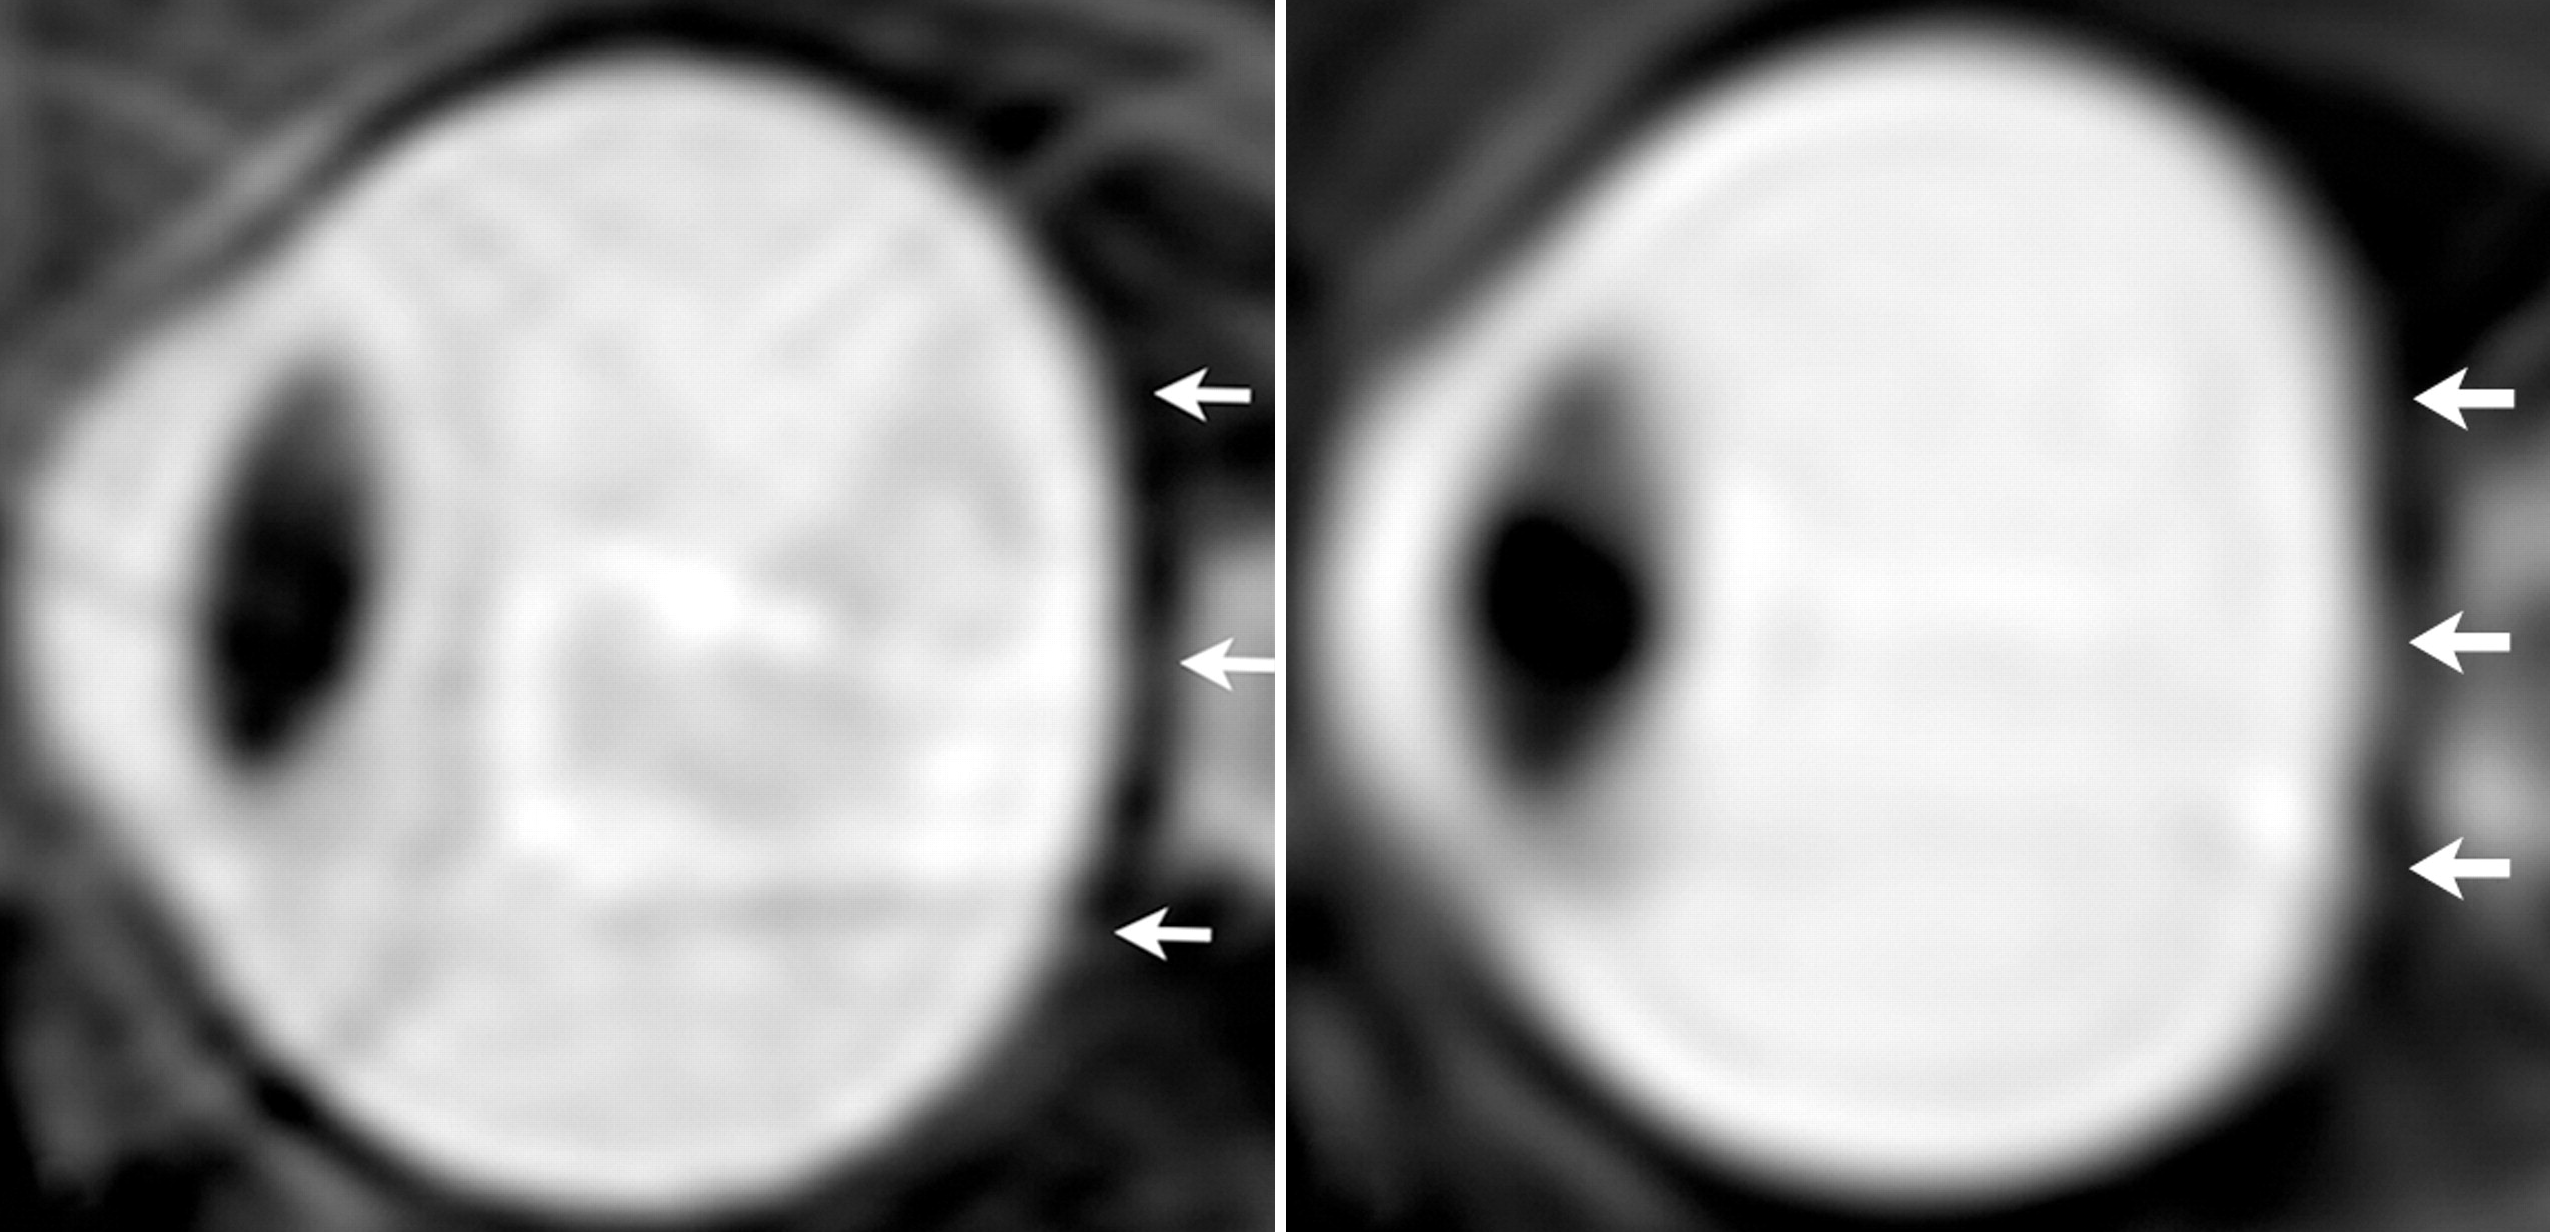 Uno studio sulla vista degli astronauti risalente al 2012. Nell'immagine il prima (sinistra) e il dopo (destra) dell'occhio sinistro di un astronauta dopo una lunga esposizione alla microgravità. Si è notato (come indicano le frecce) una perdita di convessità nel margine posteriore della sclera. Crediti: Radiology Society of North America